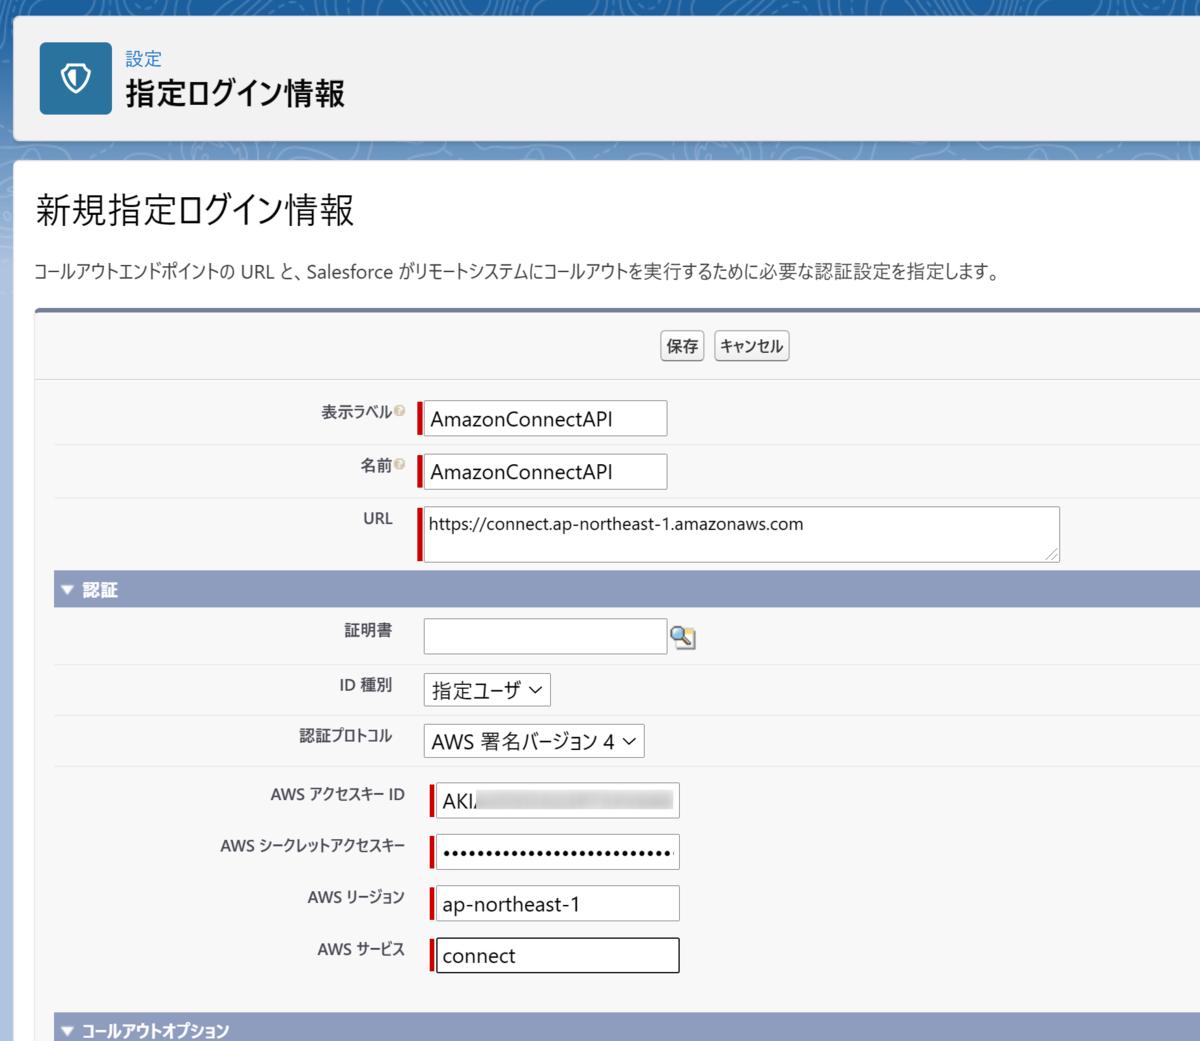 f:id:swx-shinsaka:20210618192744p:plain